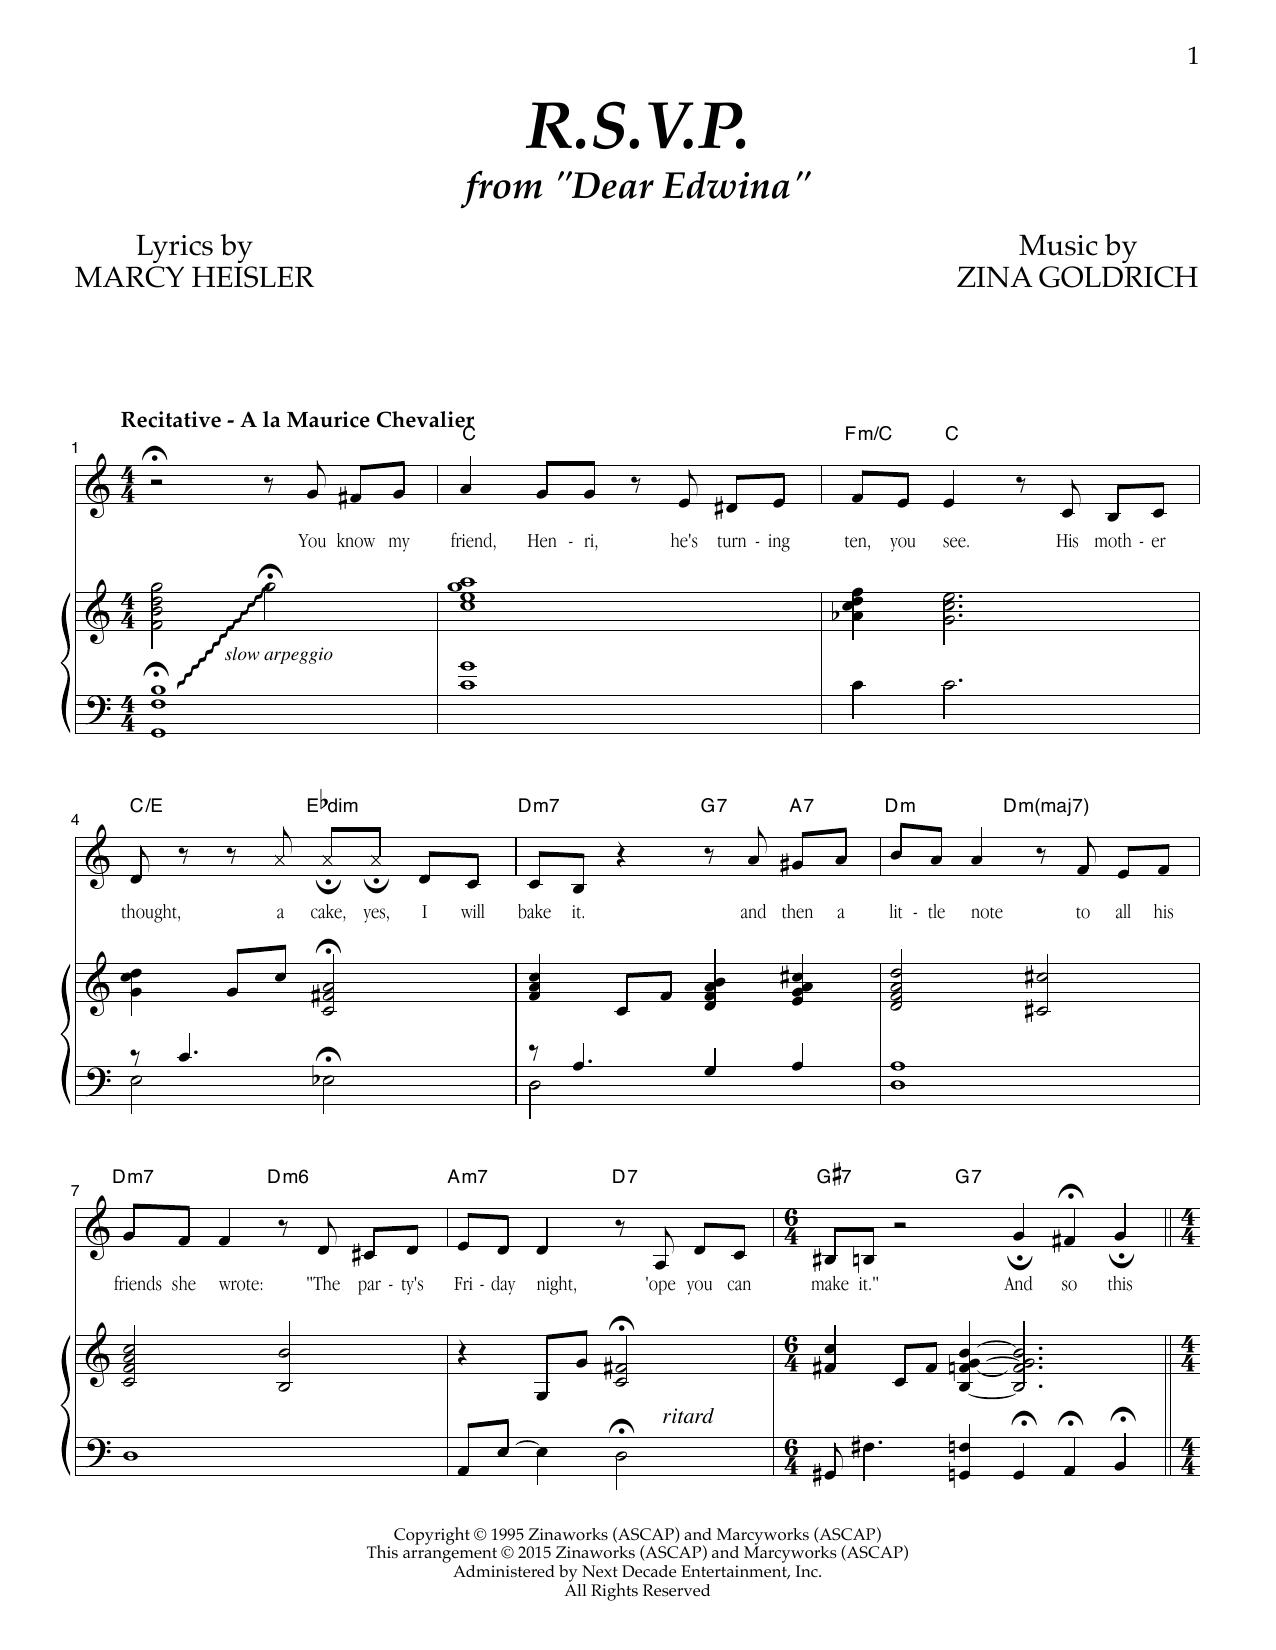 R.S.V.P. Sheet Music